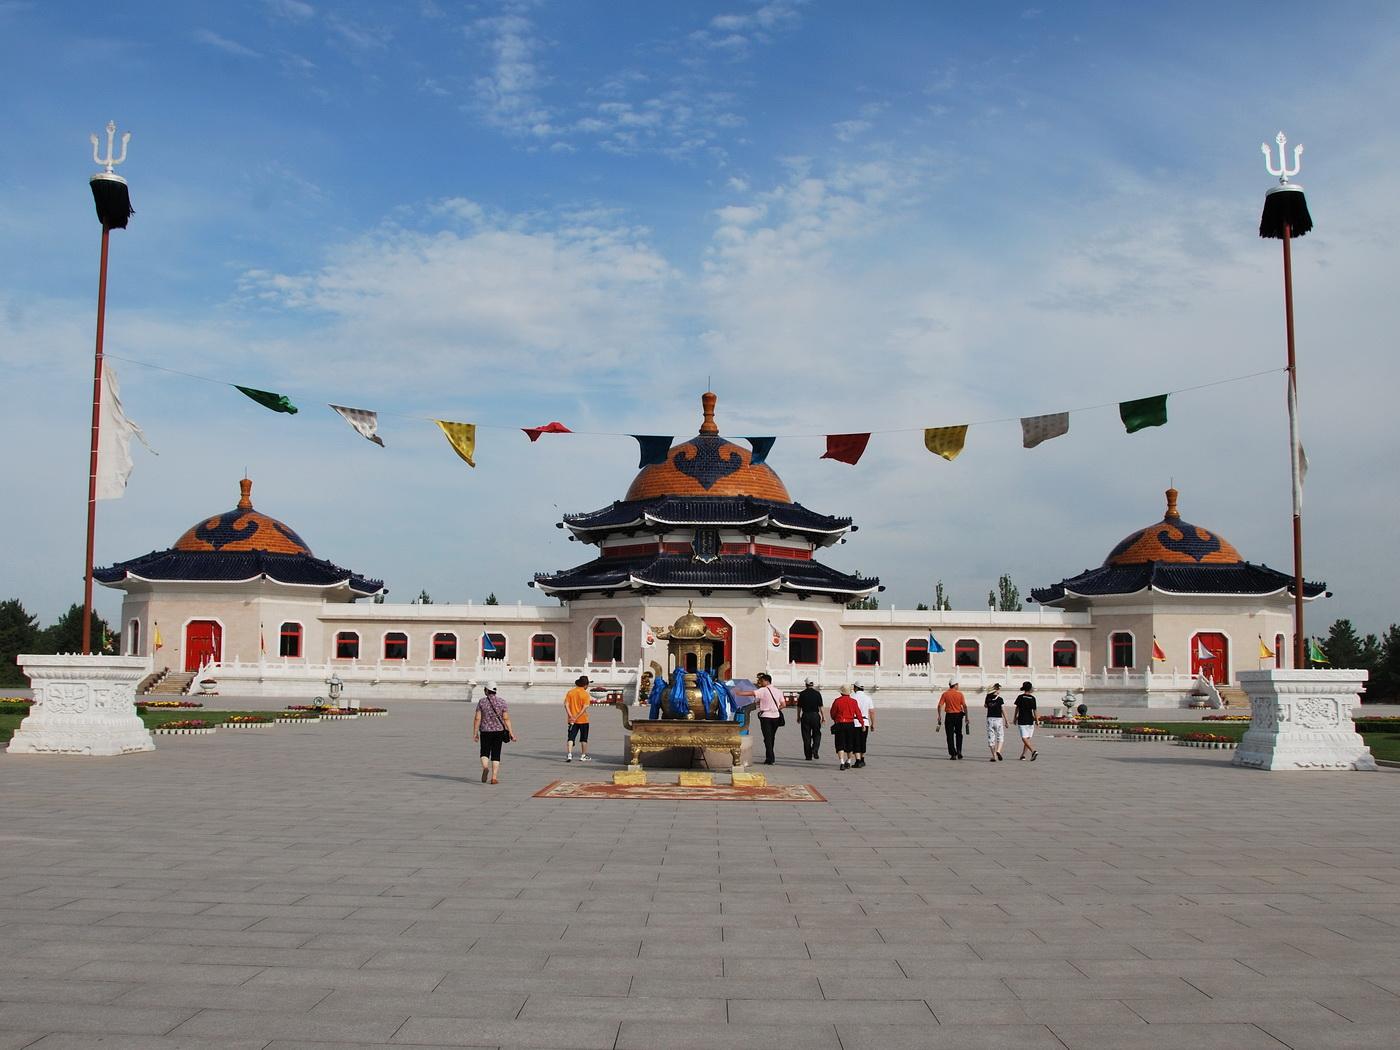 内蒙古 --- 成吉思汗陵 - 海阔山遥 - .